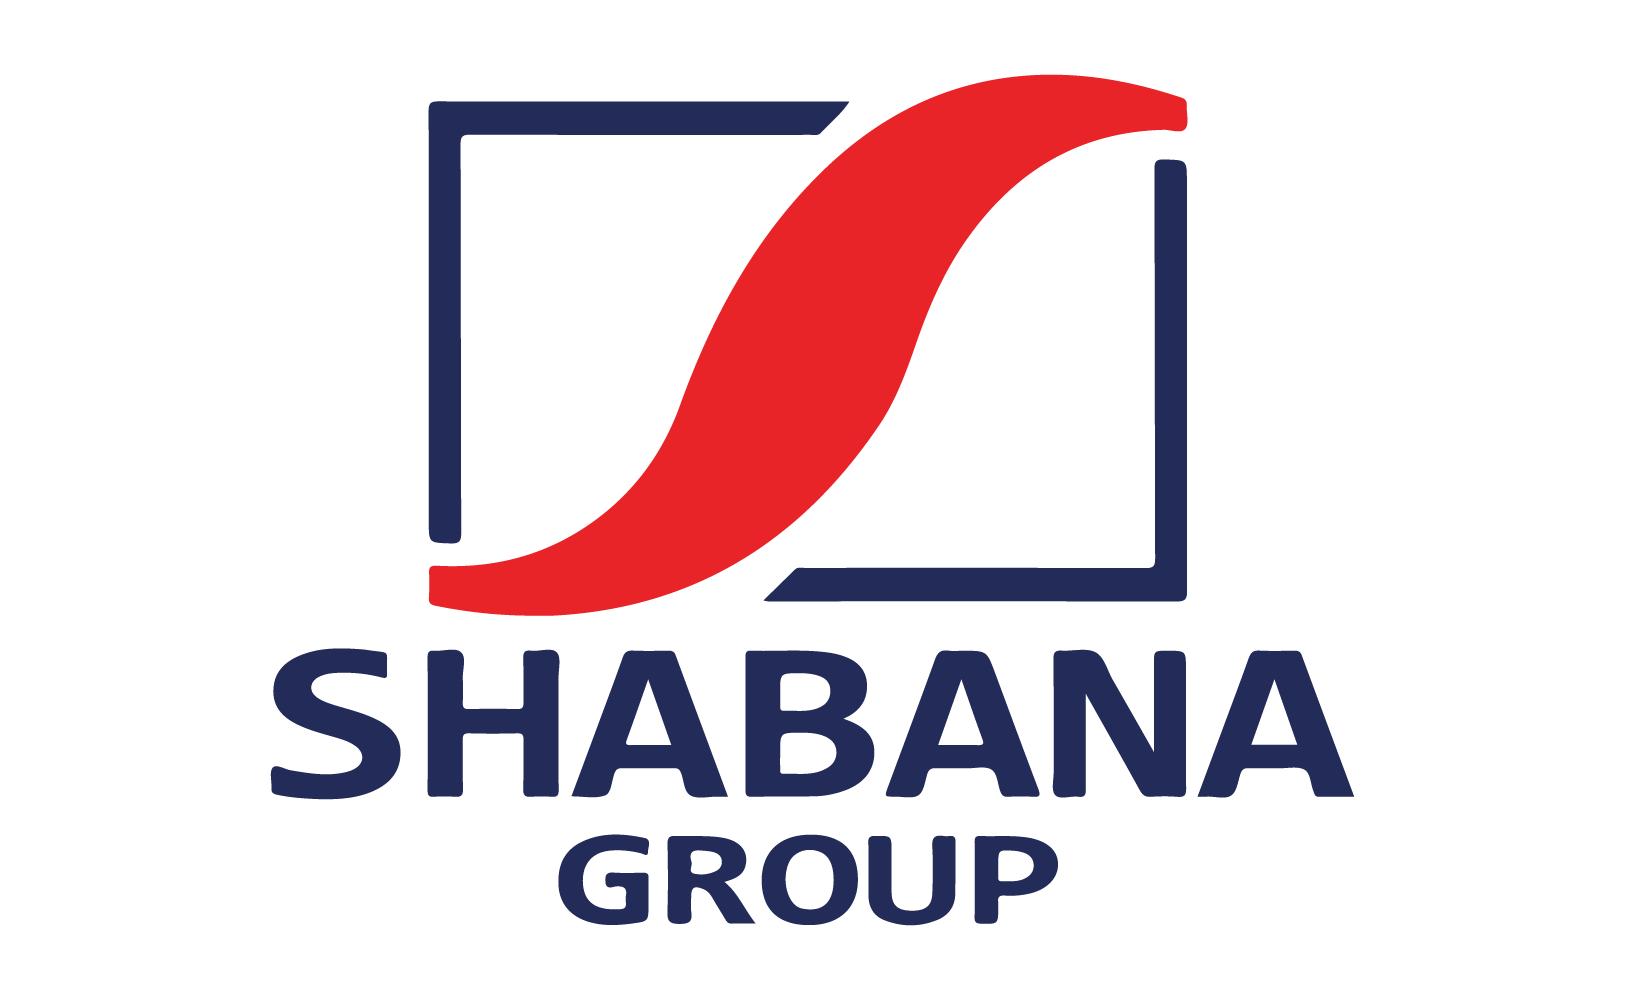 SHABANA